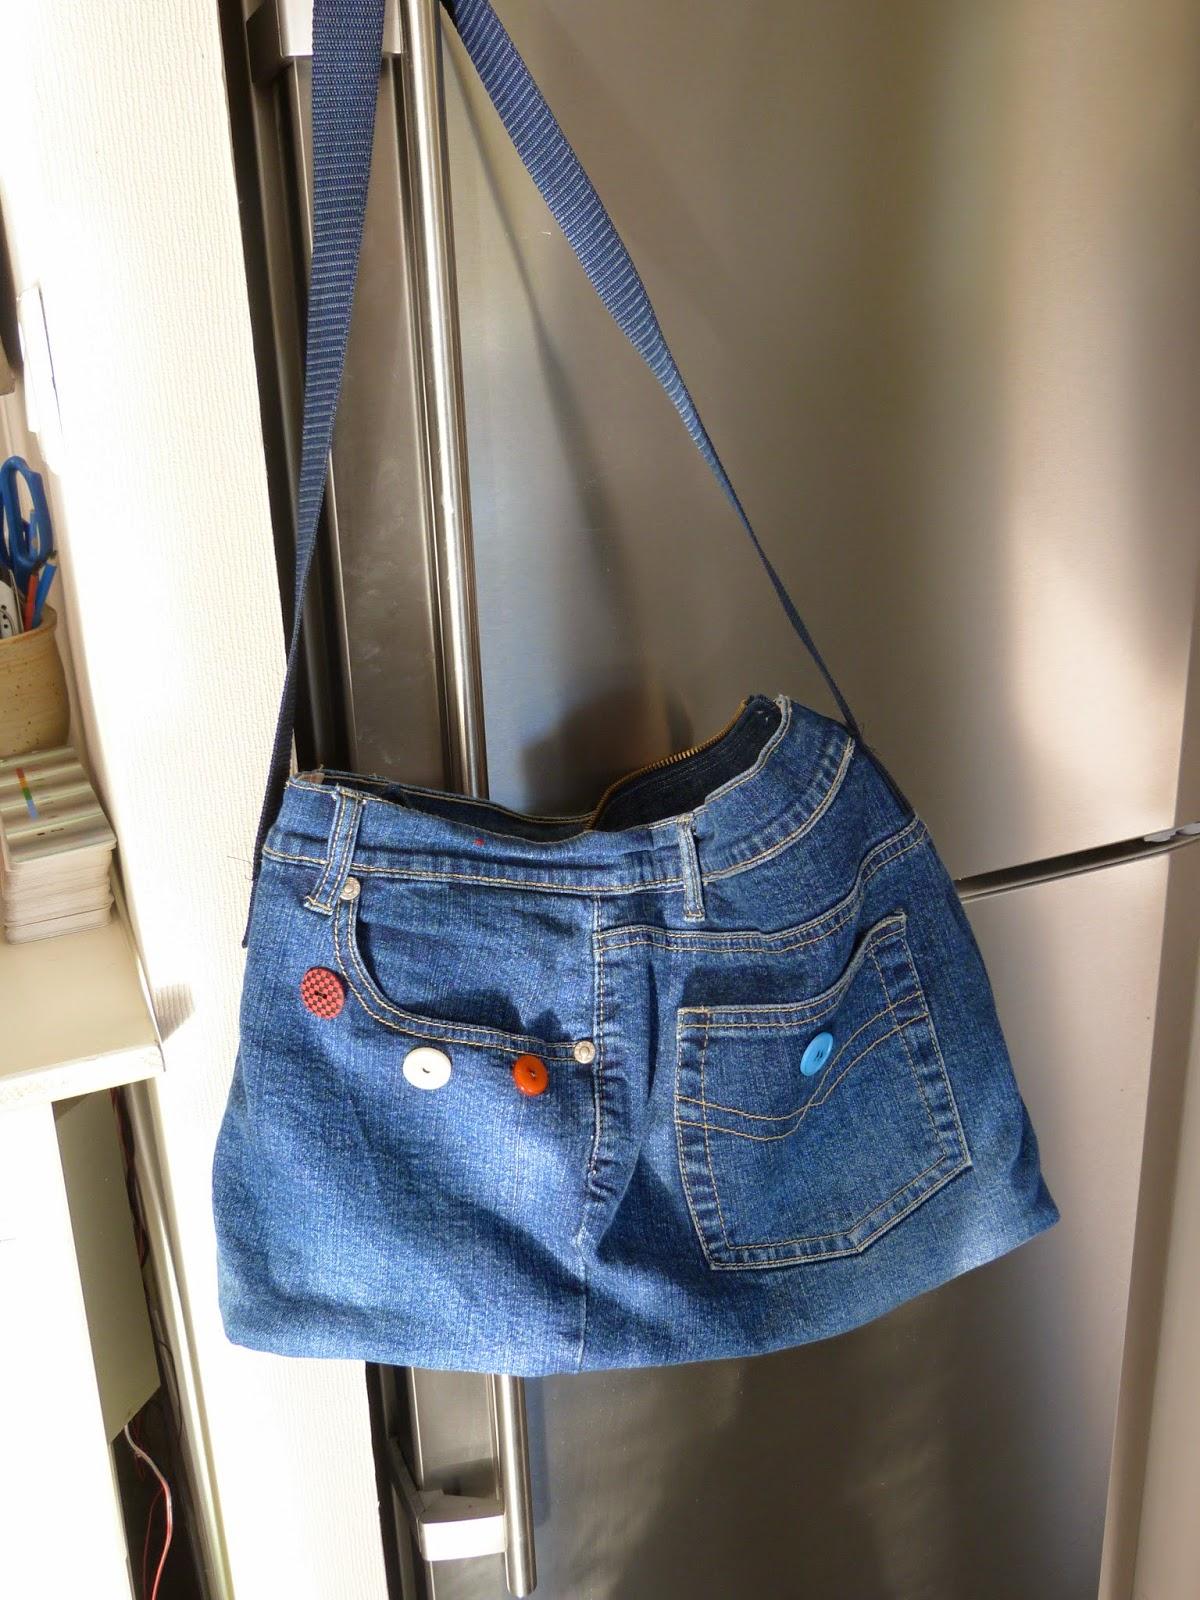 conseil de couture pour d butante mod le sac en jean. Black Bedroom Furniture Sets. Home Design Ideas